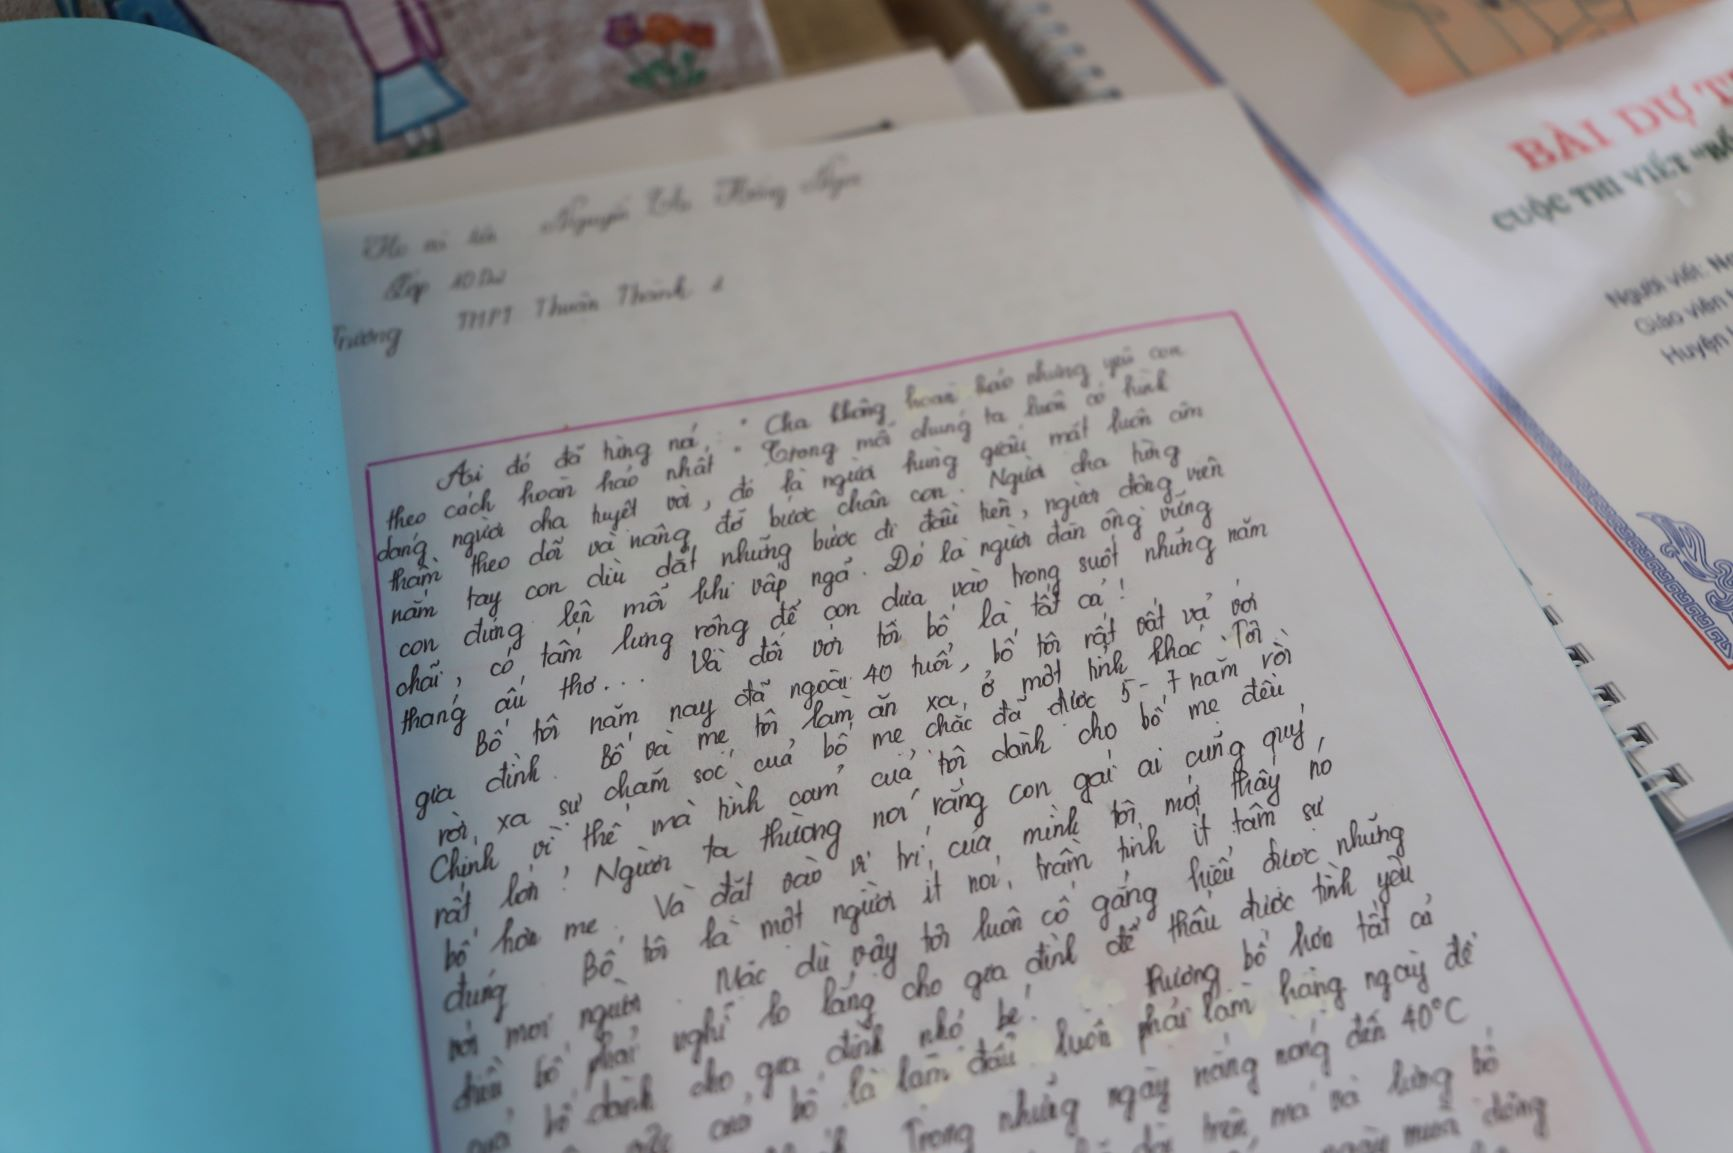 Bài dự thi được thể hiện dưới nhiều hình thức như bản in, audio, clip, và đặc biệt là những dòng viết tay đầy xúc cảm